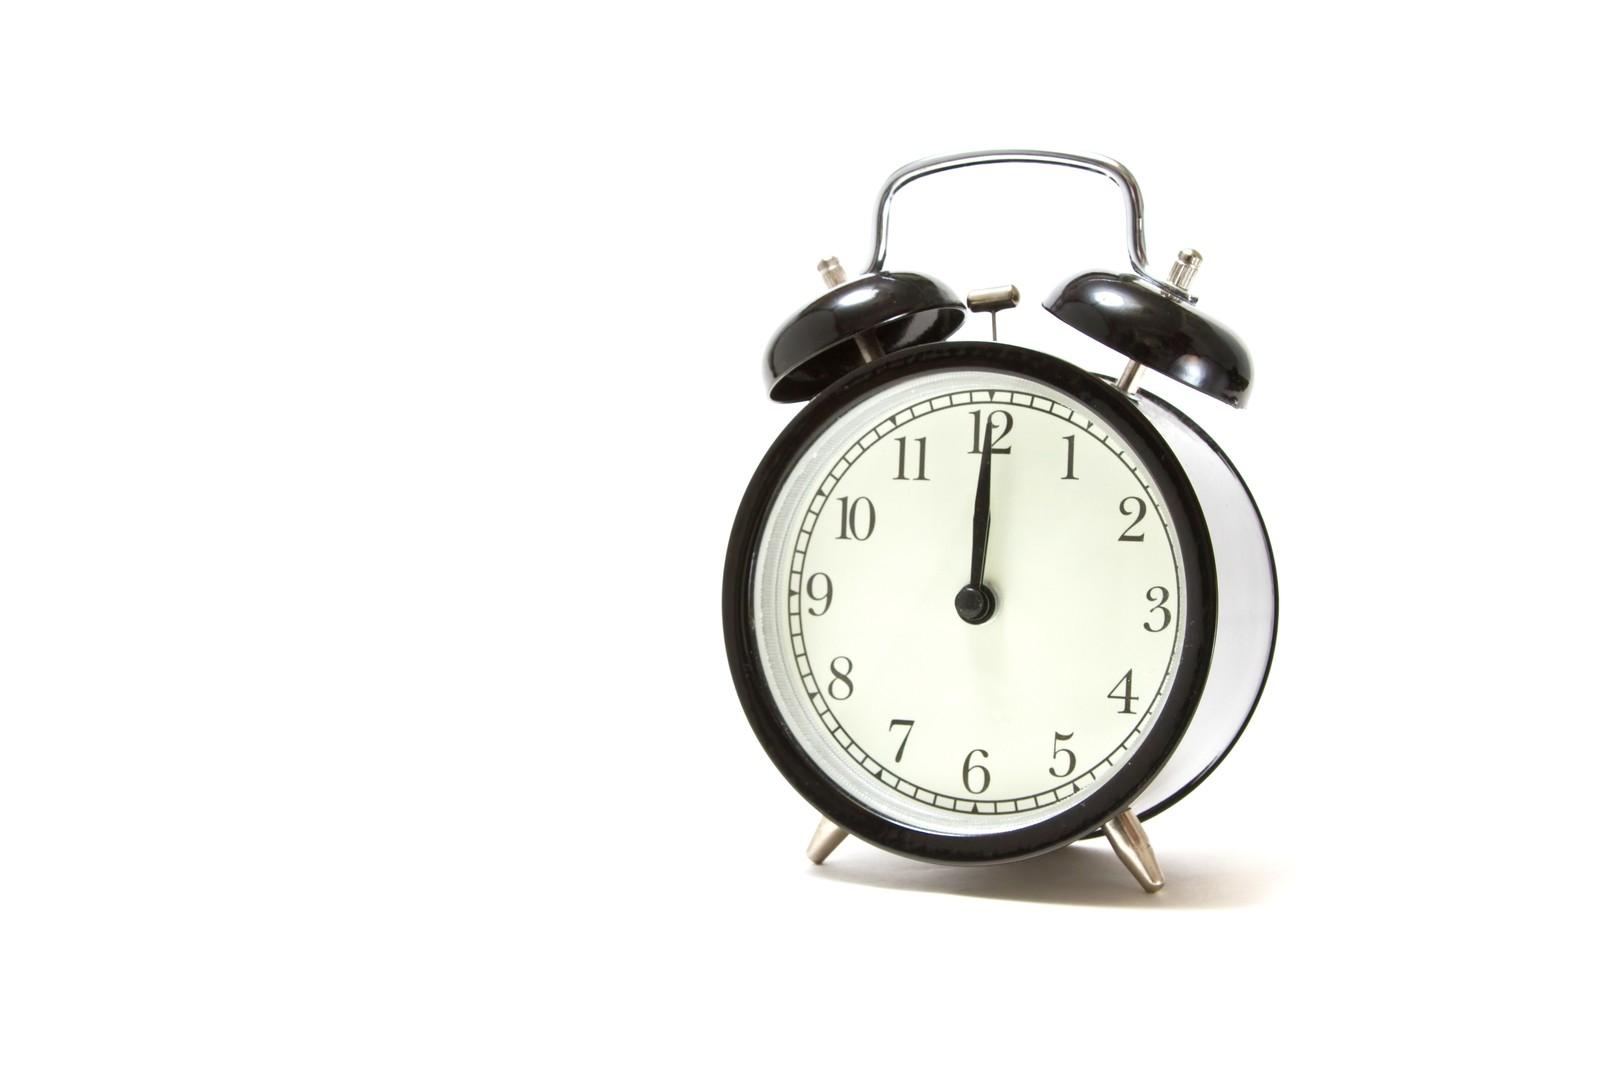 会社に遅刻した時の言い訳や連絡方法。罰則にはどんなものがある?